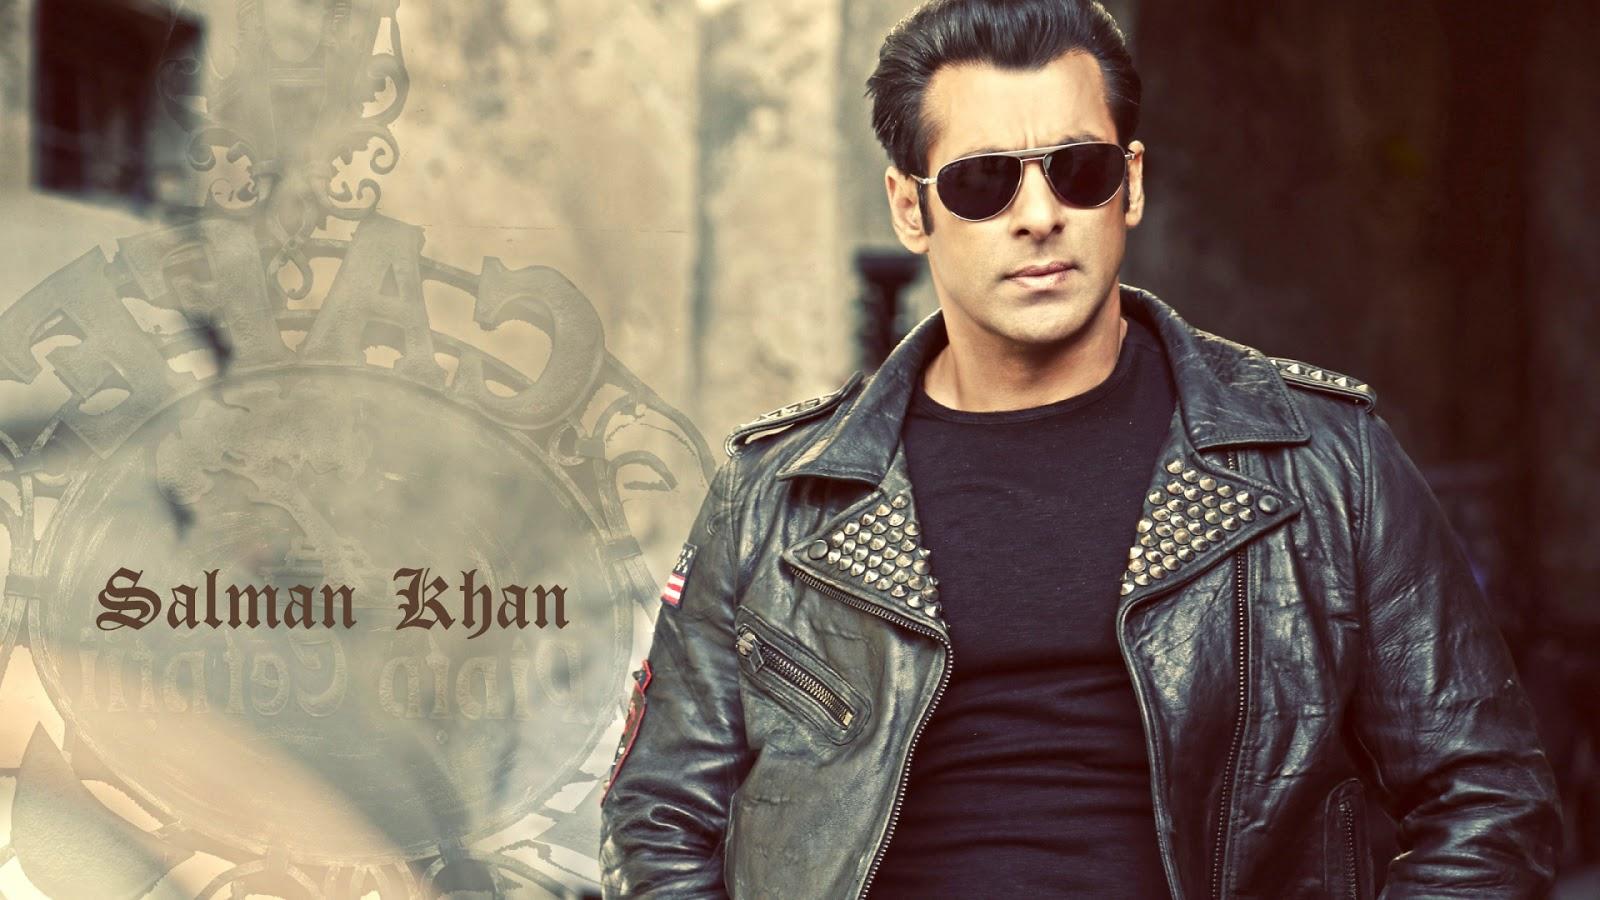 Latest 4K Ultra High Definition Wallpapers: Salman Khan ...